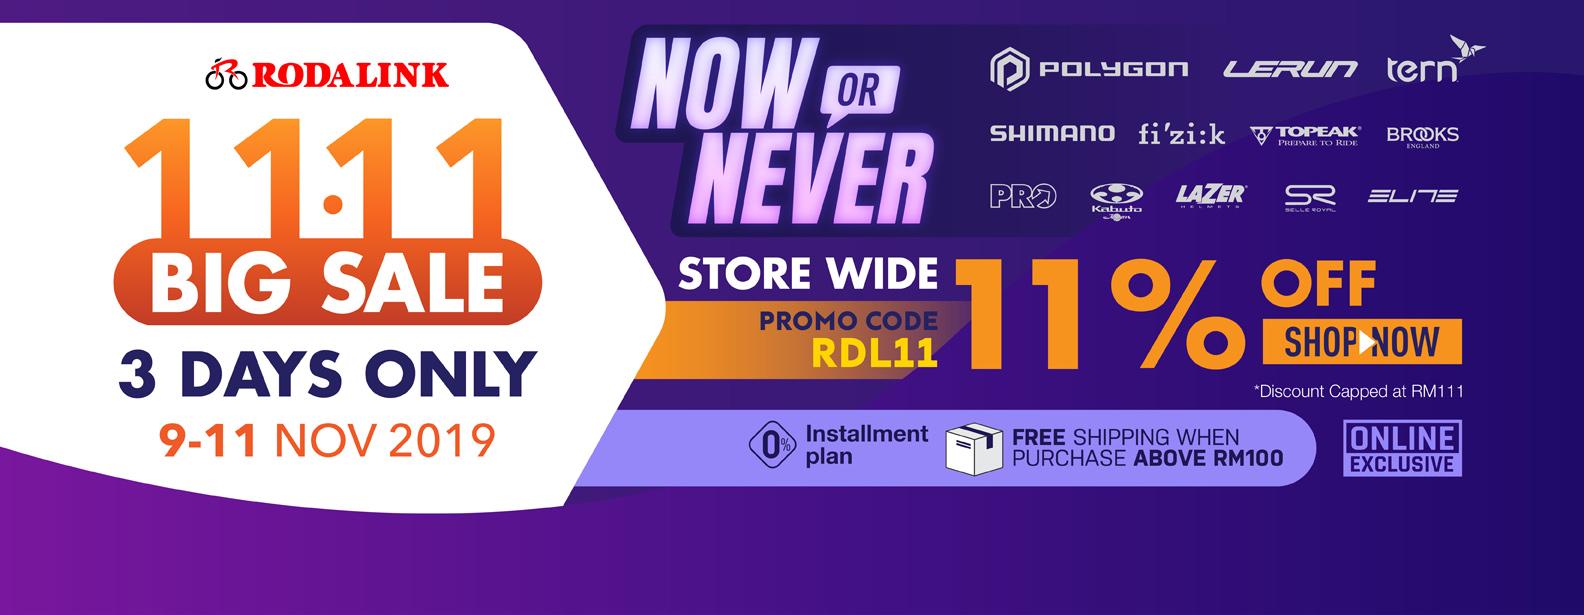 11.11 Big sale